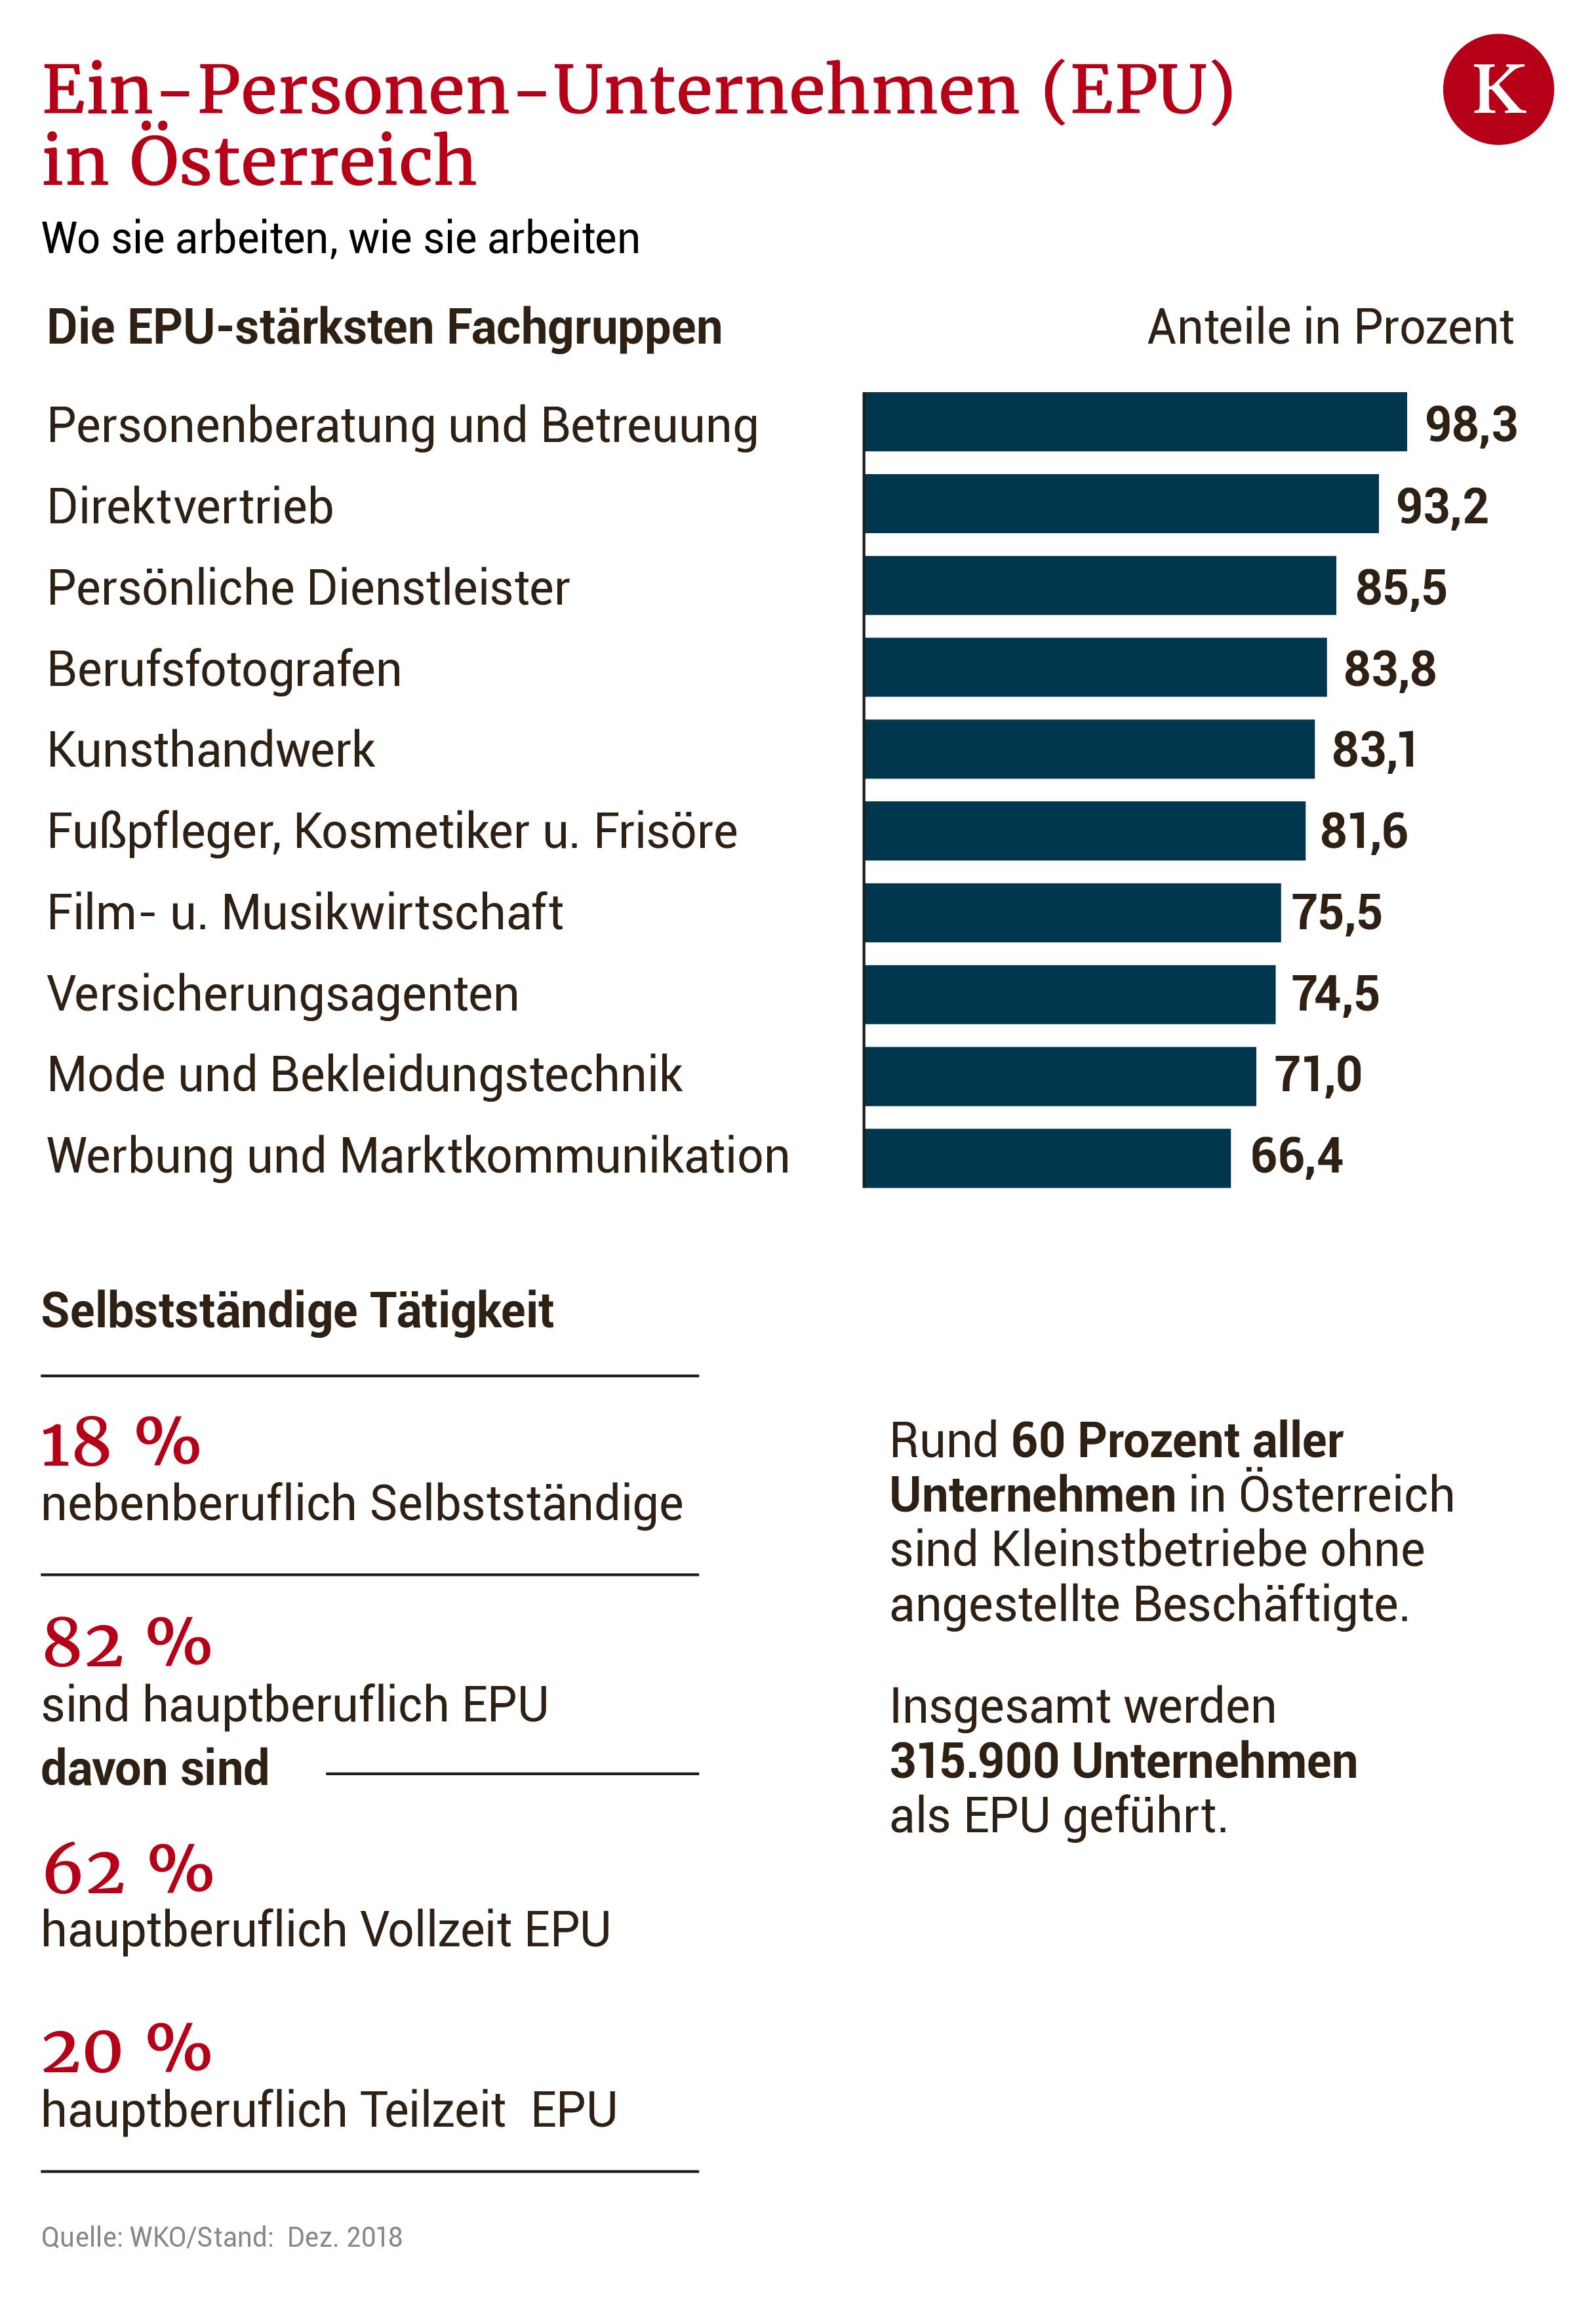 Über die Vielfalt der Solo-Selbstständigkeit in Österreich